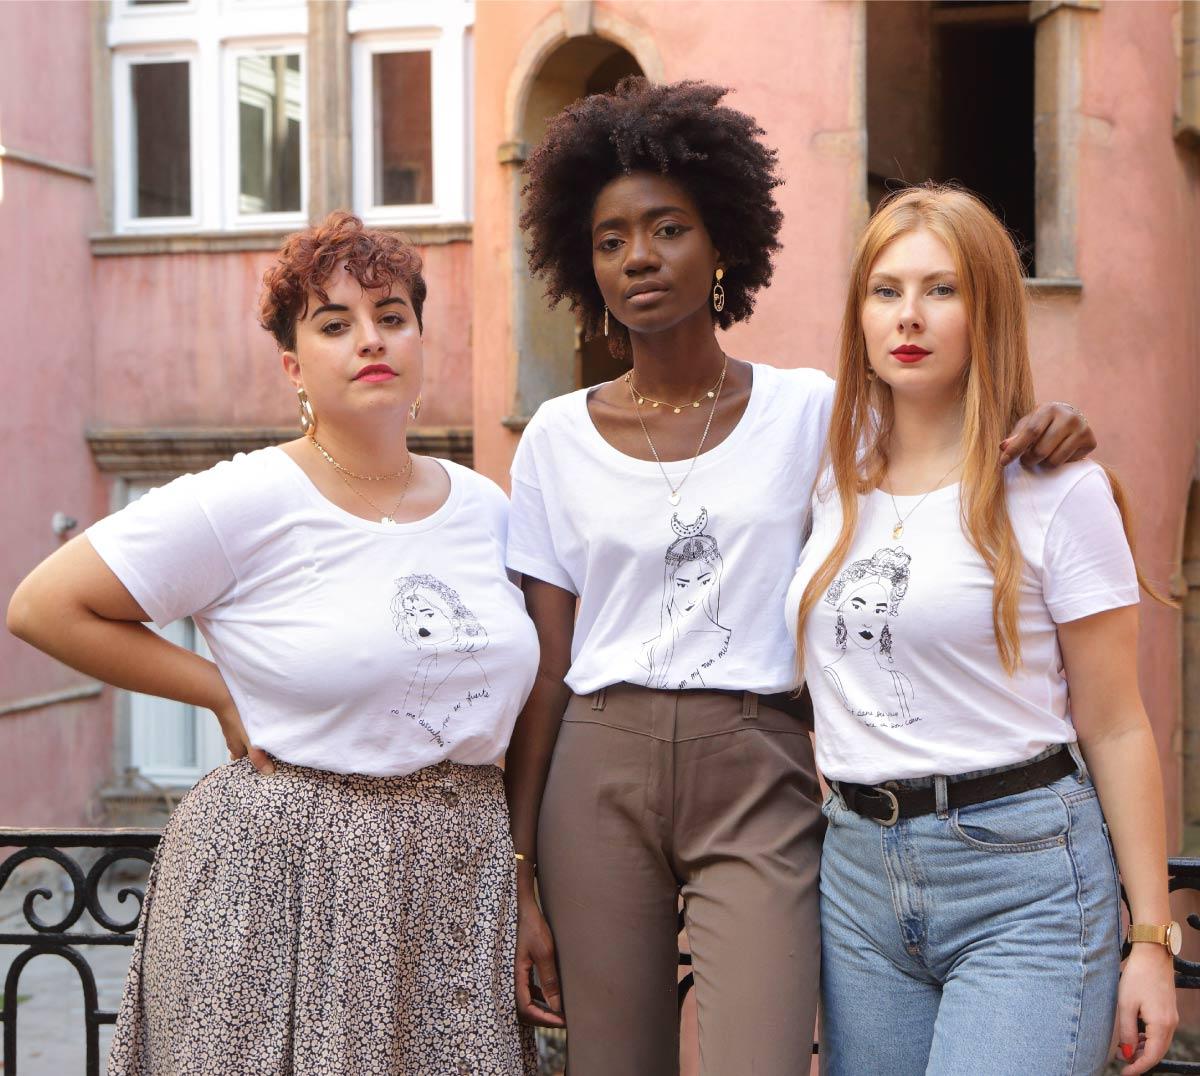 Les 3 t-shirts de la collection reinas portés par une rousse une brune et une blonde